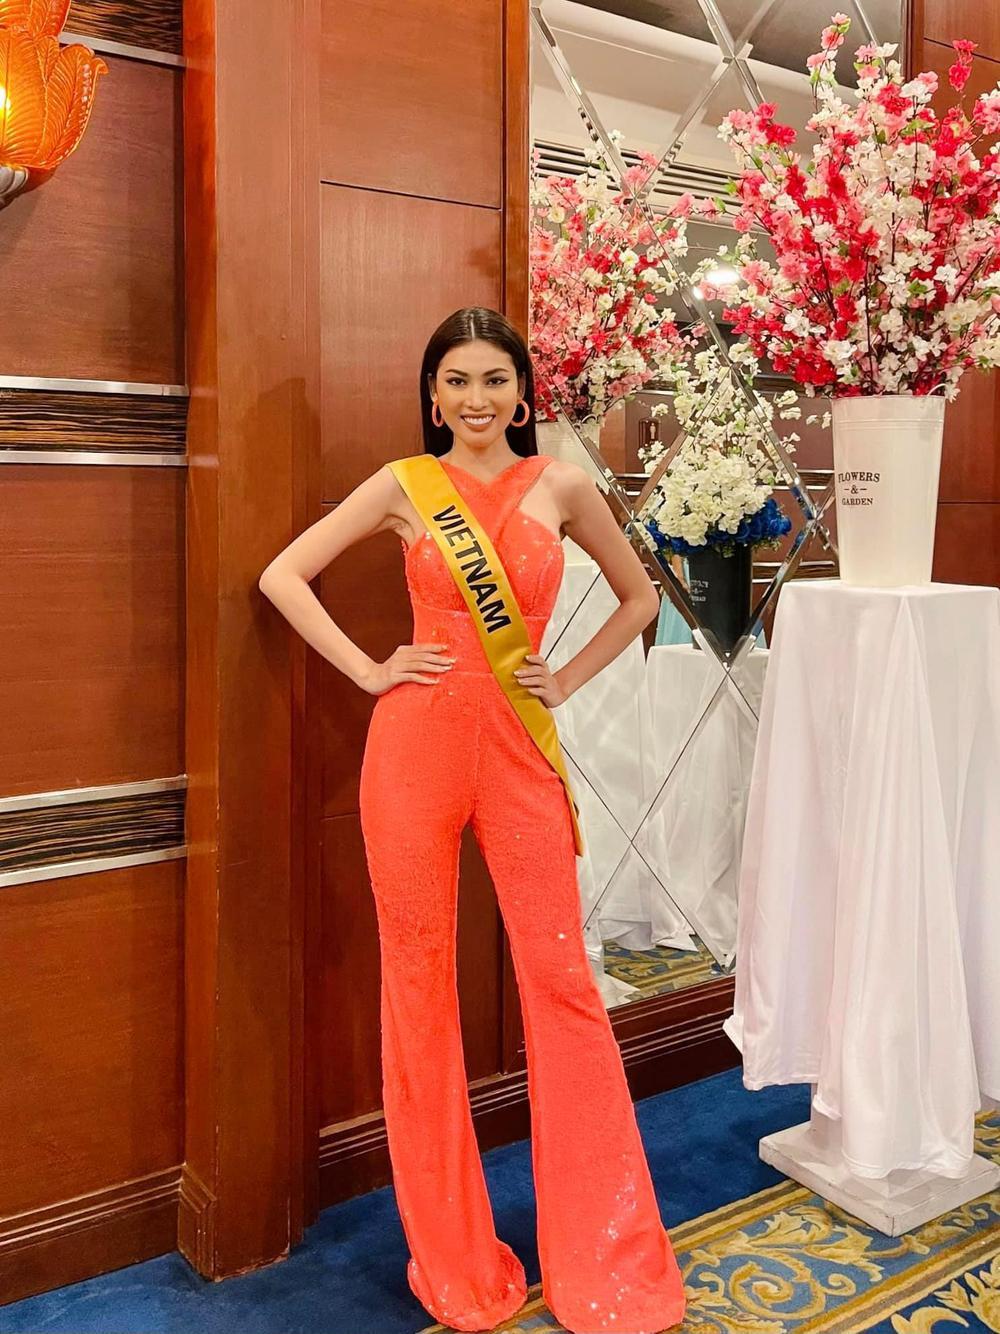 Hành trình lọt Top 20 của Ngọc Thảo: Nàng hậu 21 tuổi bản lĩnh chinh phục Miss Grand giữa mùa dịch! Ảnh 26